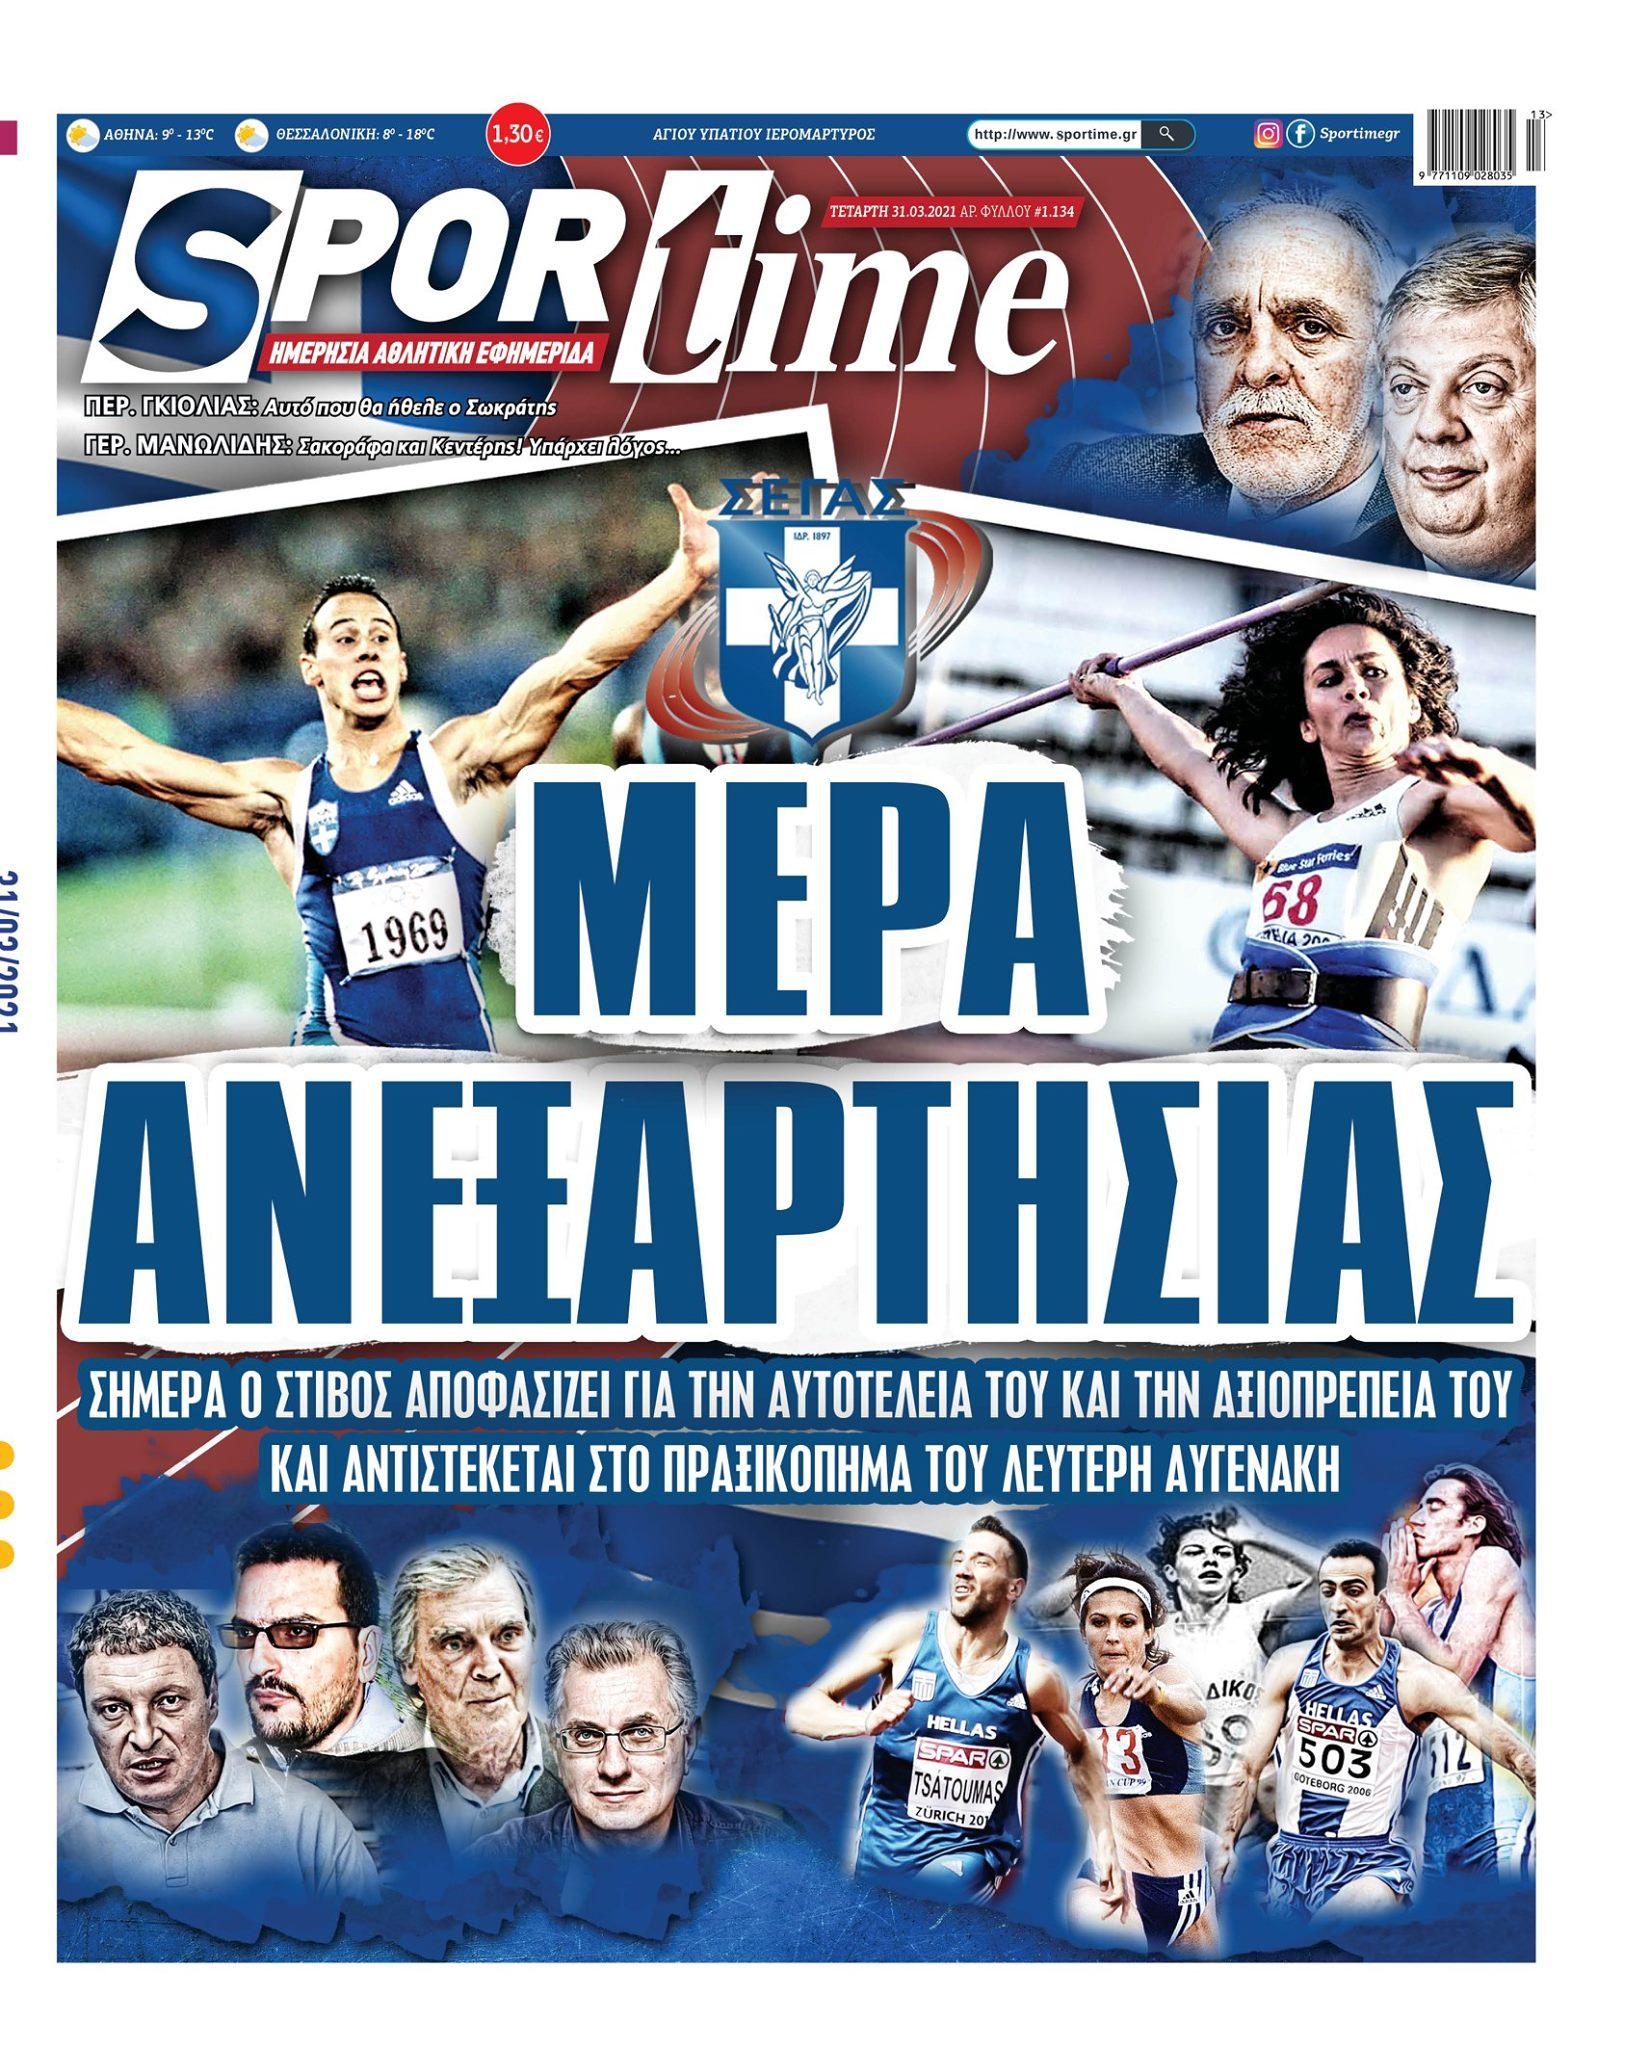 Εφημερίδα SPORTIME - Εξώφυλλο φύλλου 31/3/2021